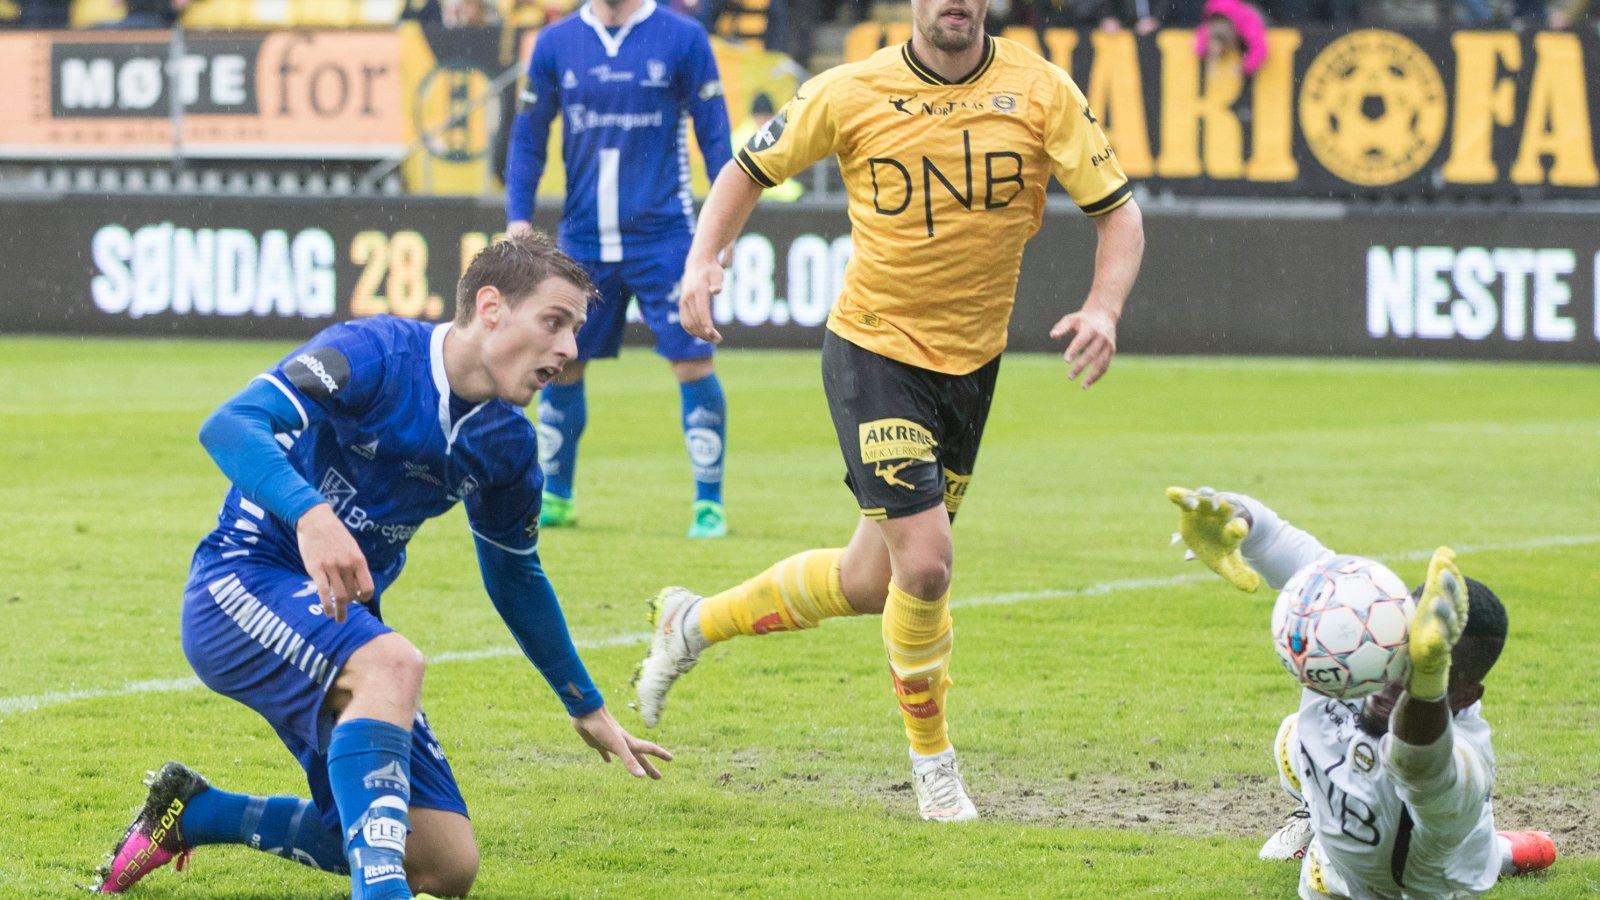 Mats Haakenstad og Arnold Origi mot Sarpsborg 08